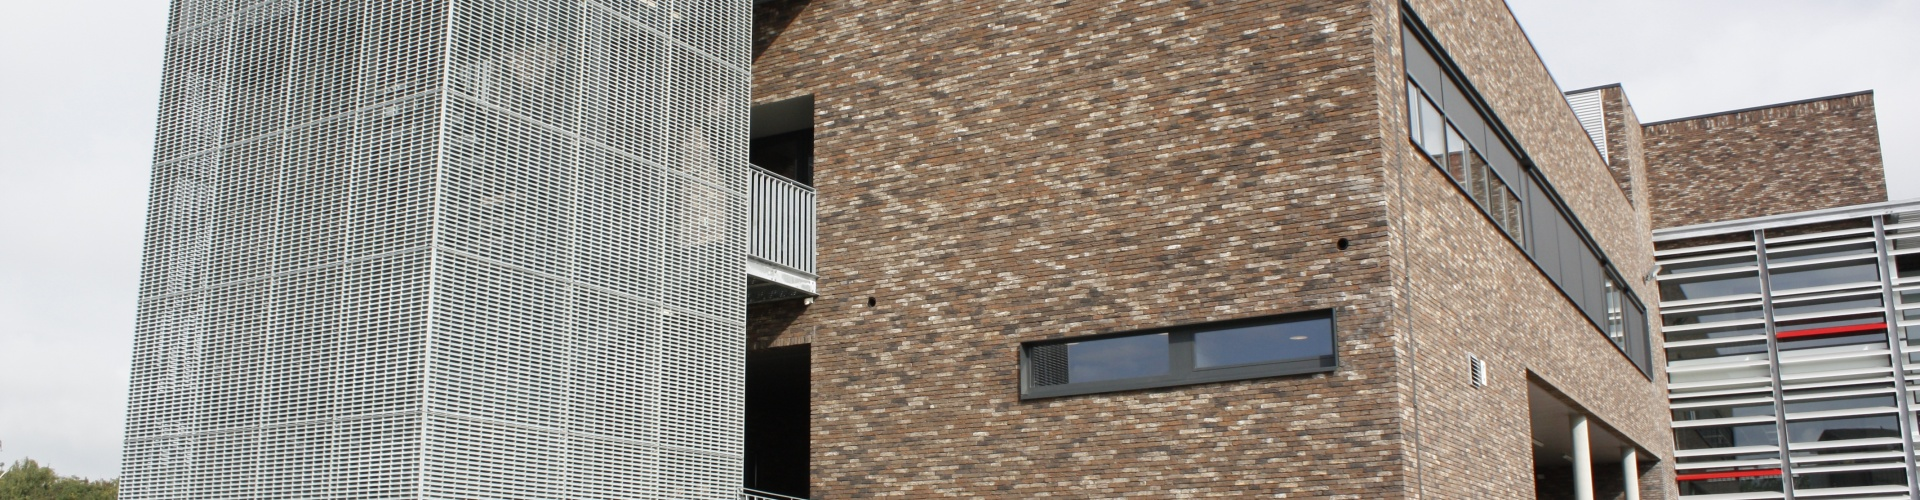 Sint-Martinusschool Herk-de-Stad